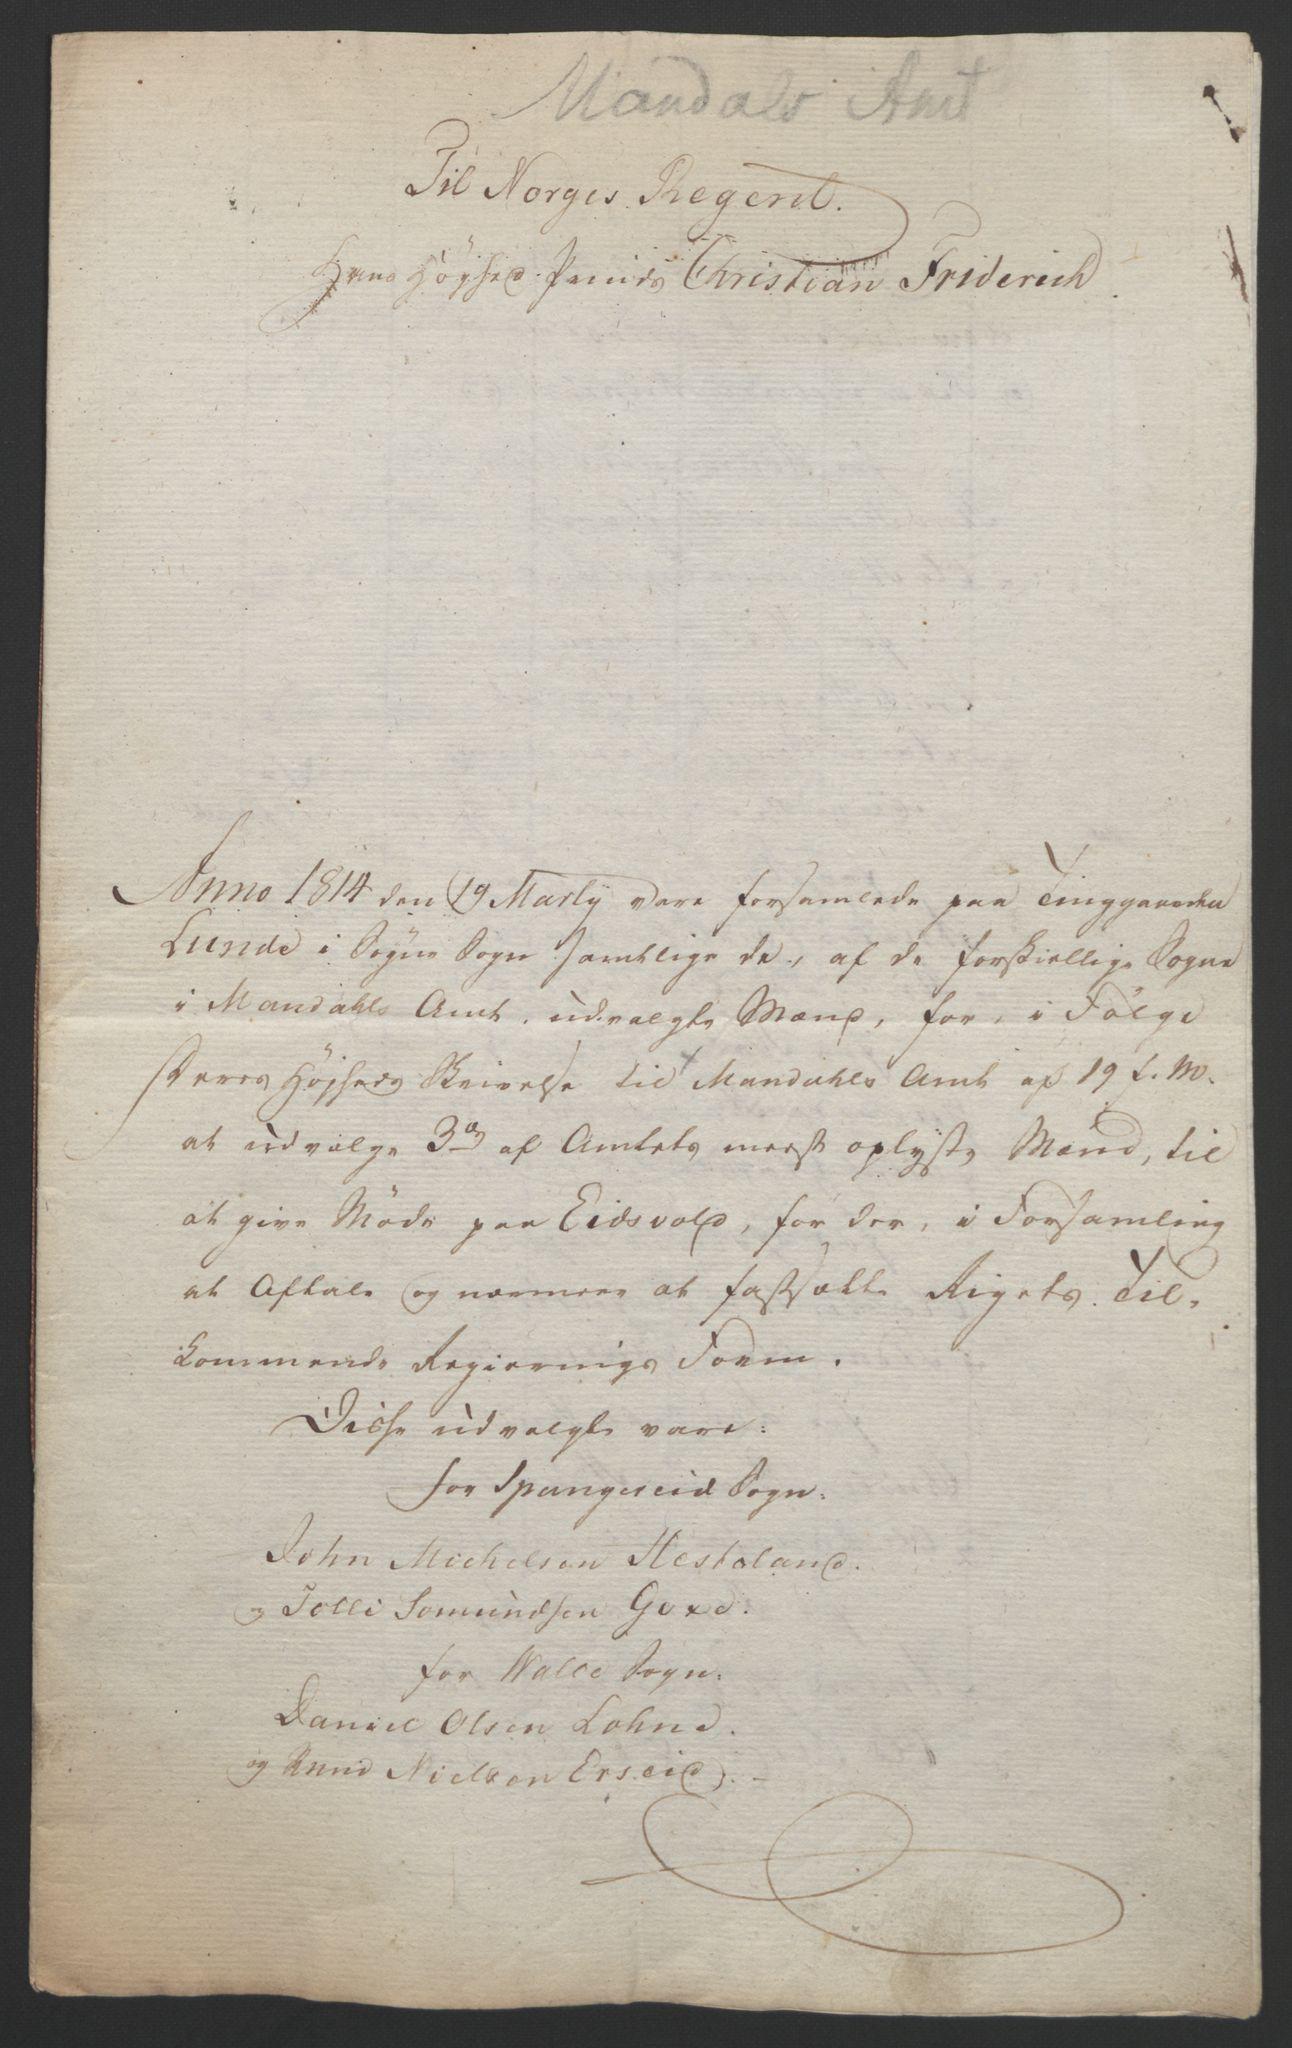 RA, Statsrådssekretariatet, D/Db/L0008: Fullmakter for Eidsvollsrepresentantene i 1814. , 1814, s. 120